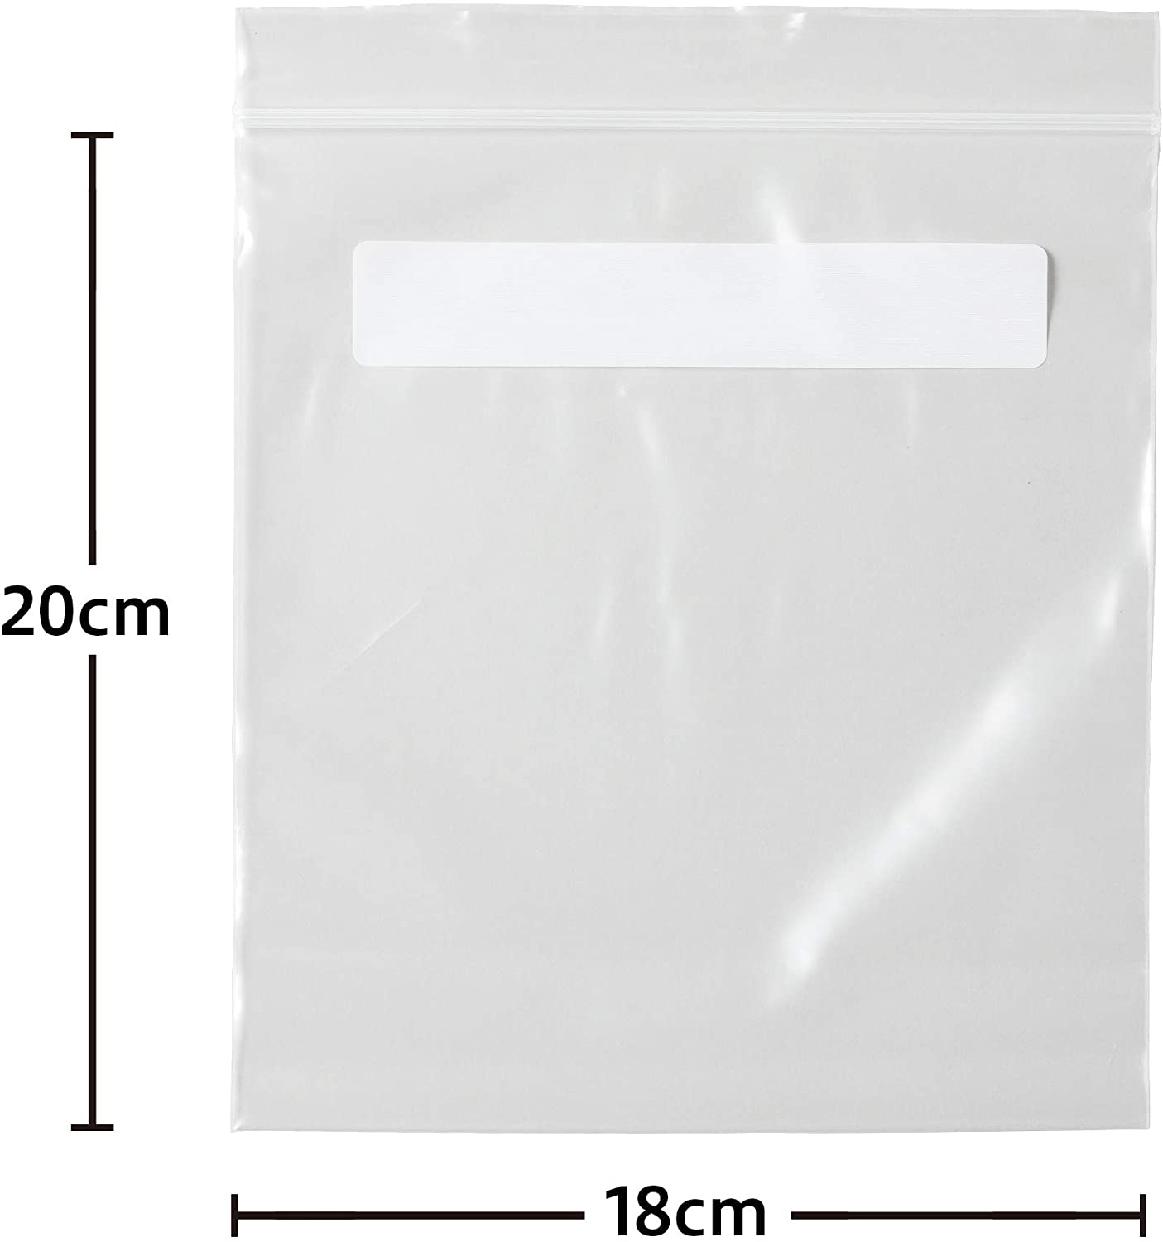 チャックさん保存袋 チャックさん冷凍保存袋 中 CZ-50の商品画像2